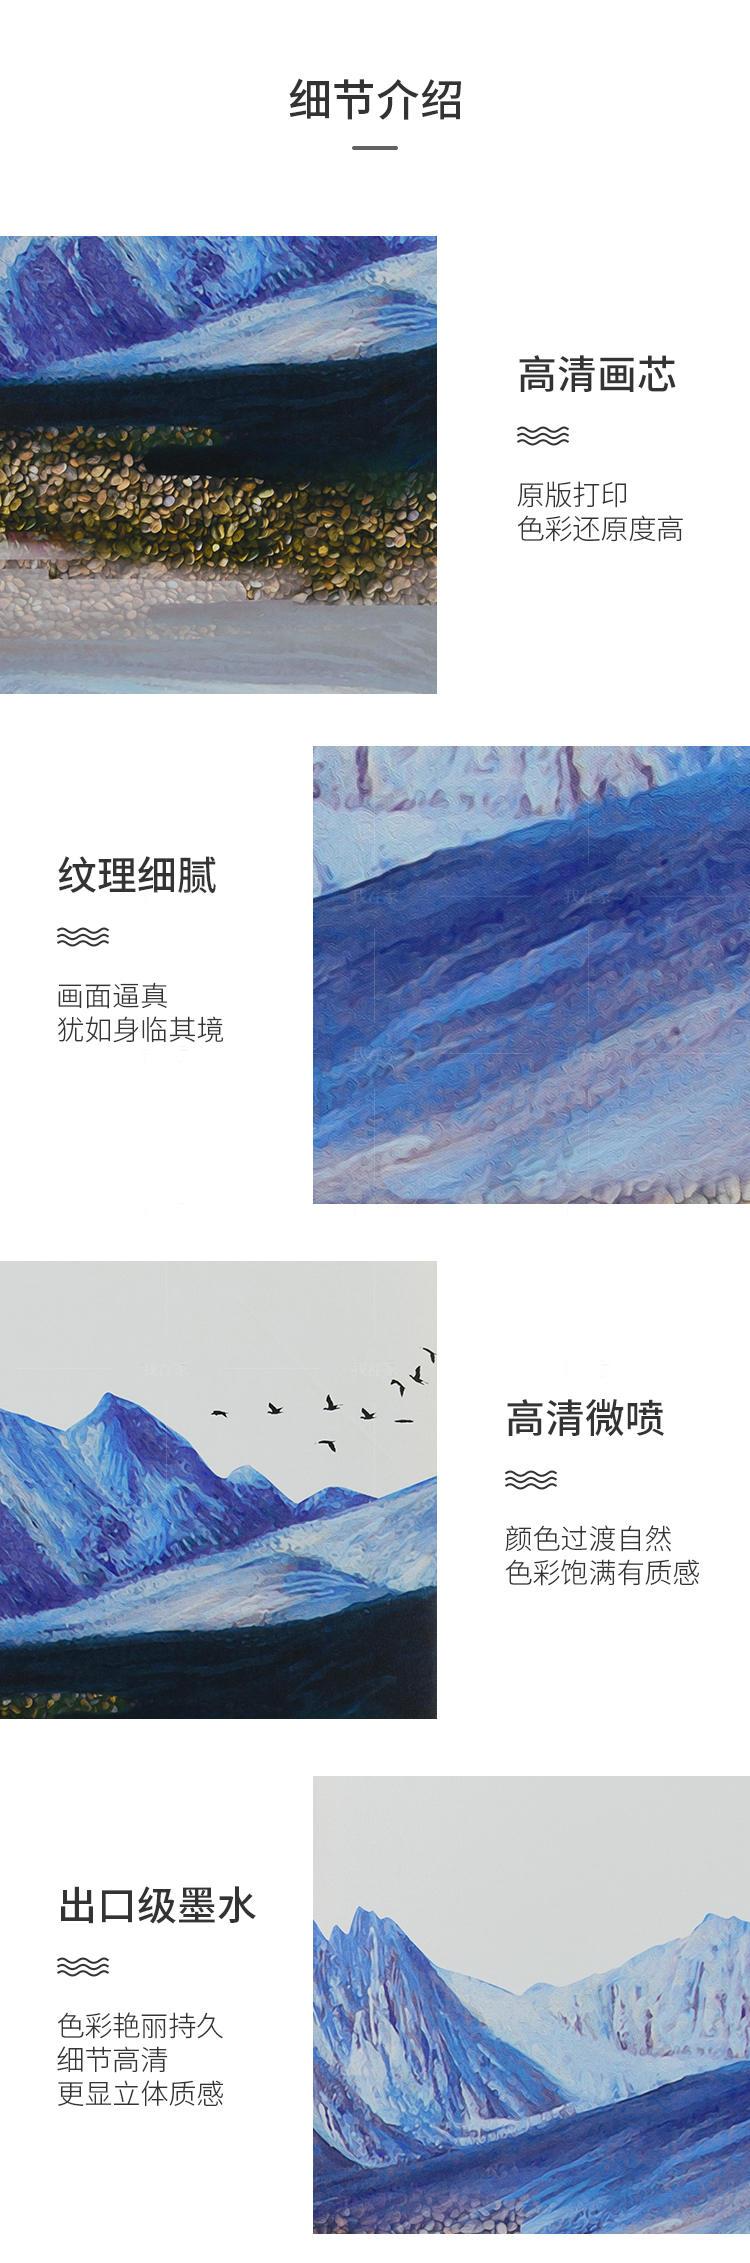 绘美映画系列青山 山水装饰画的详细介绍